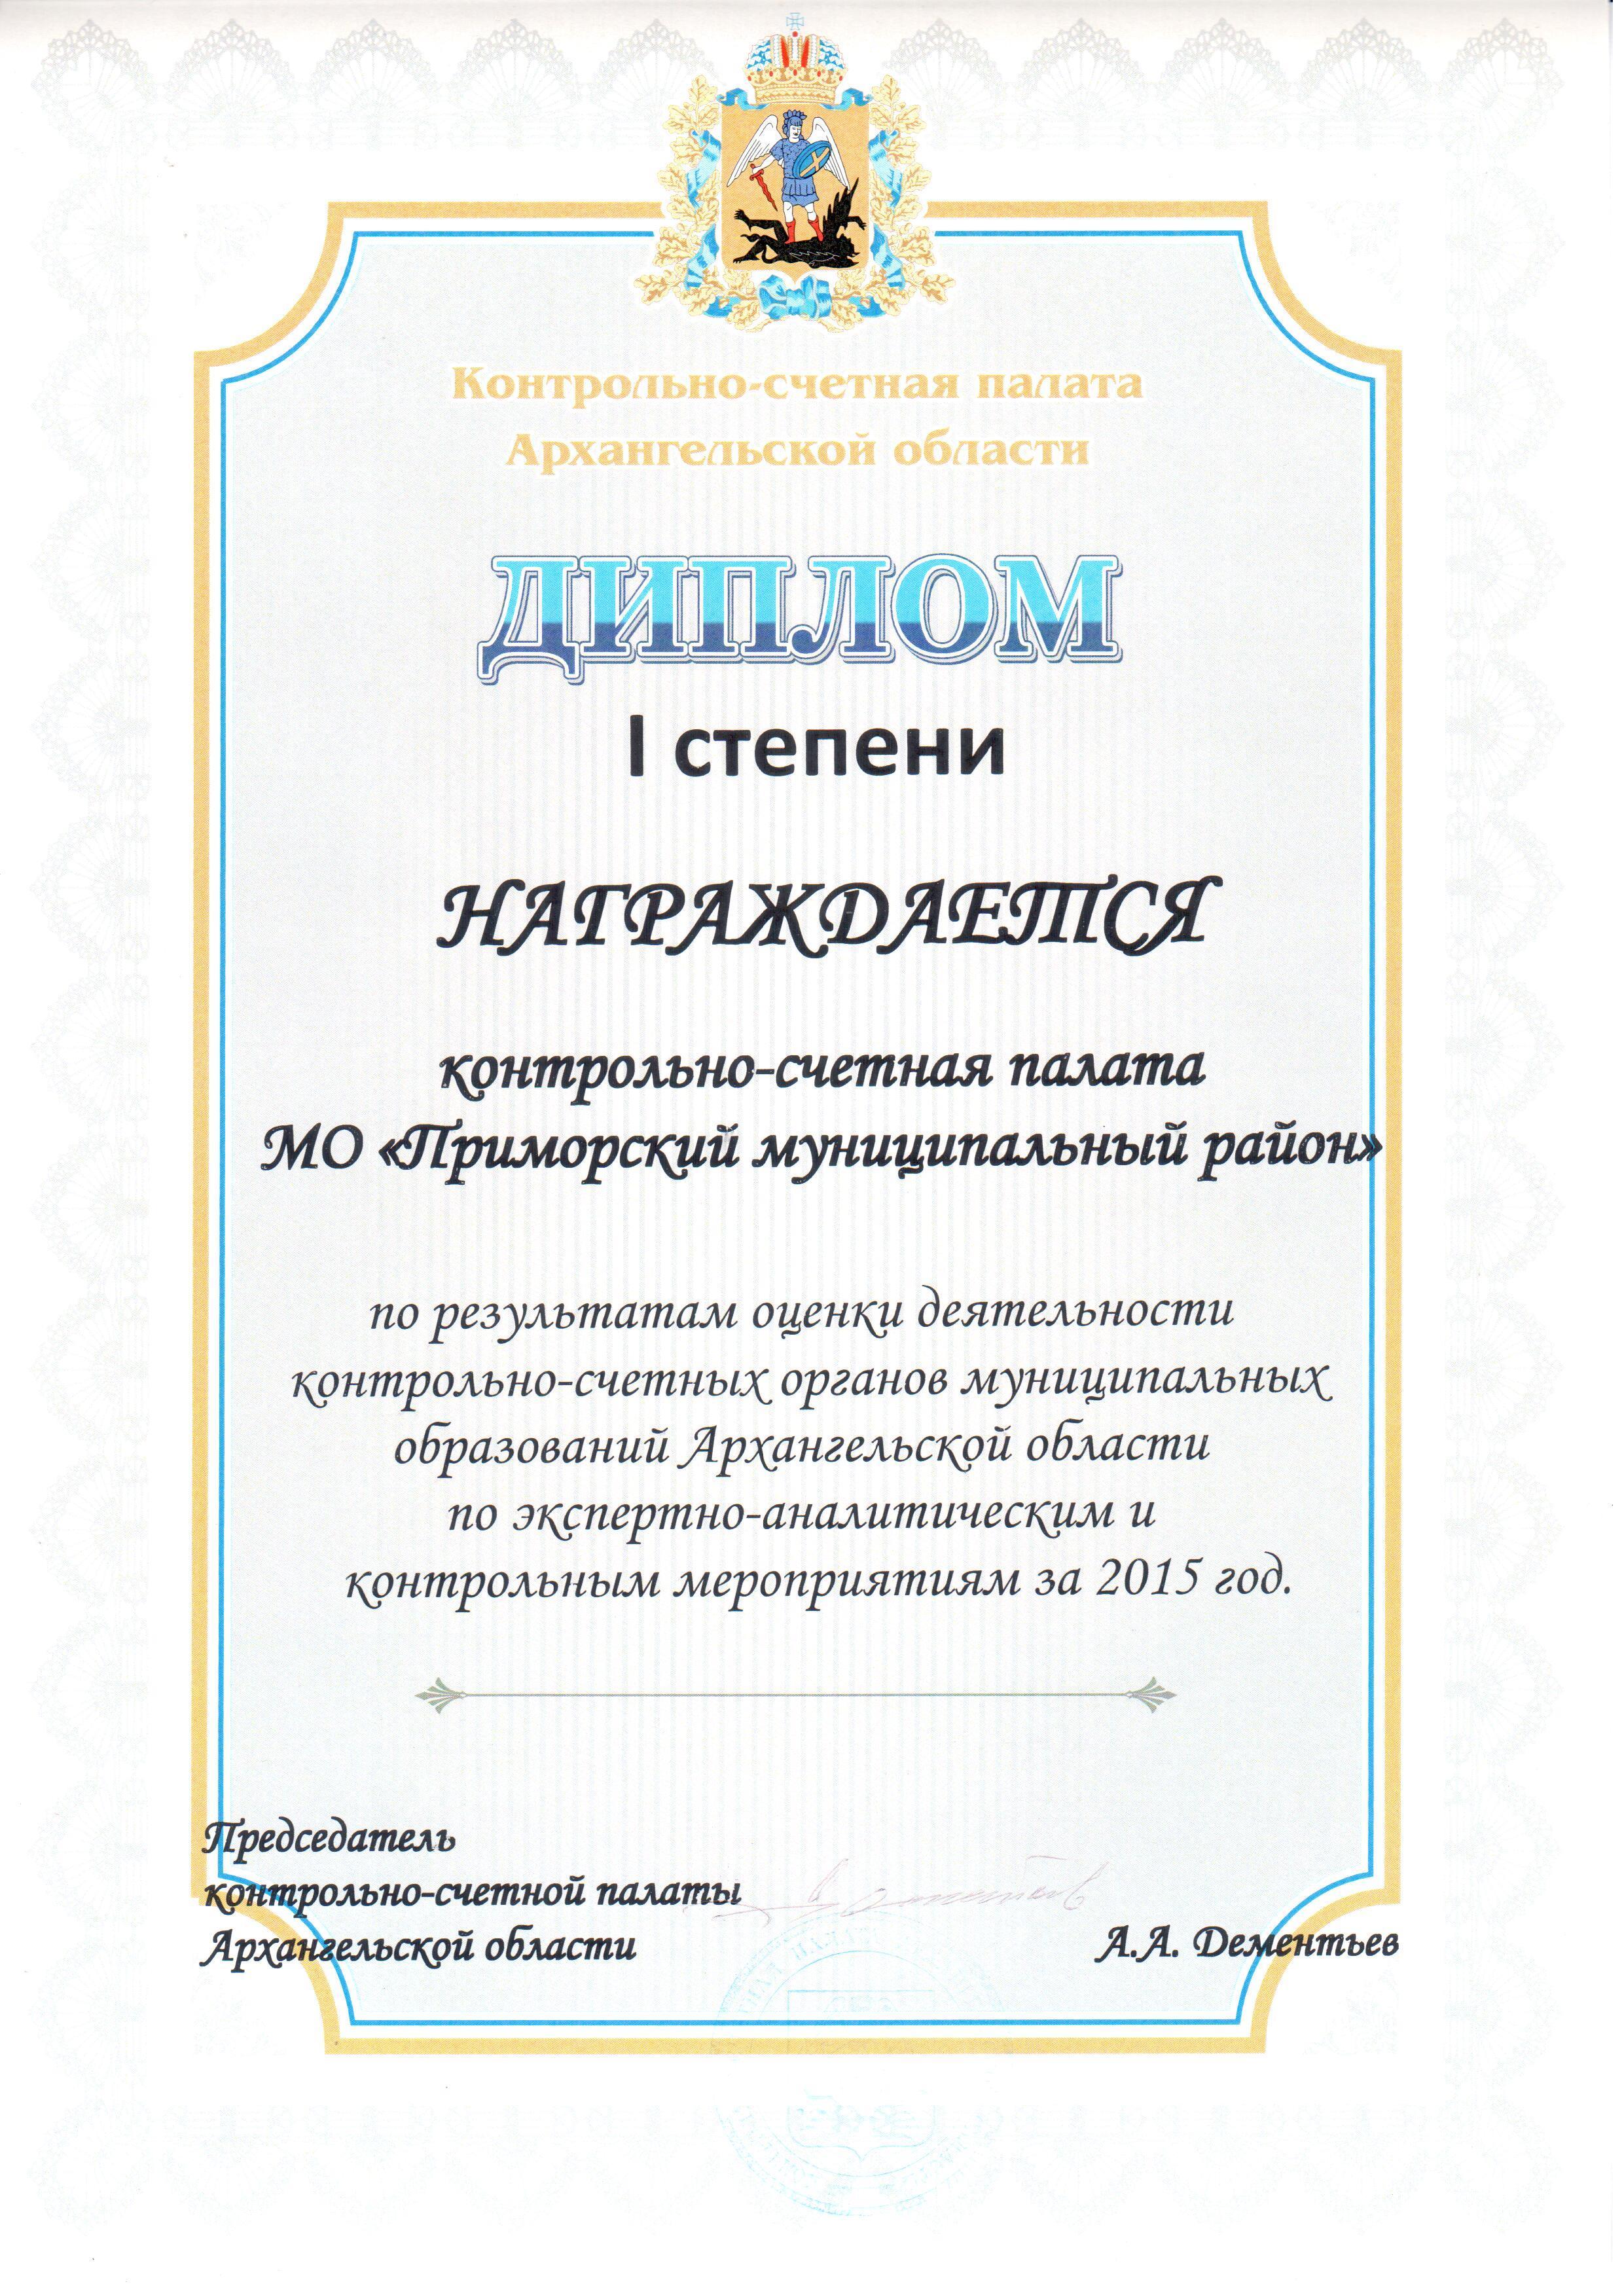 Поздравление контрольно счетной палаты с юбилеем